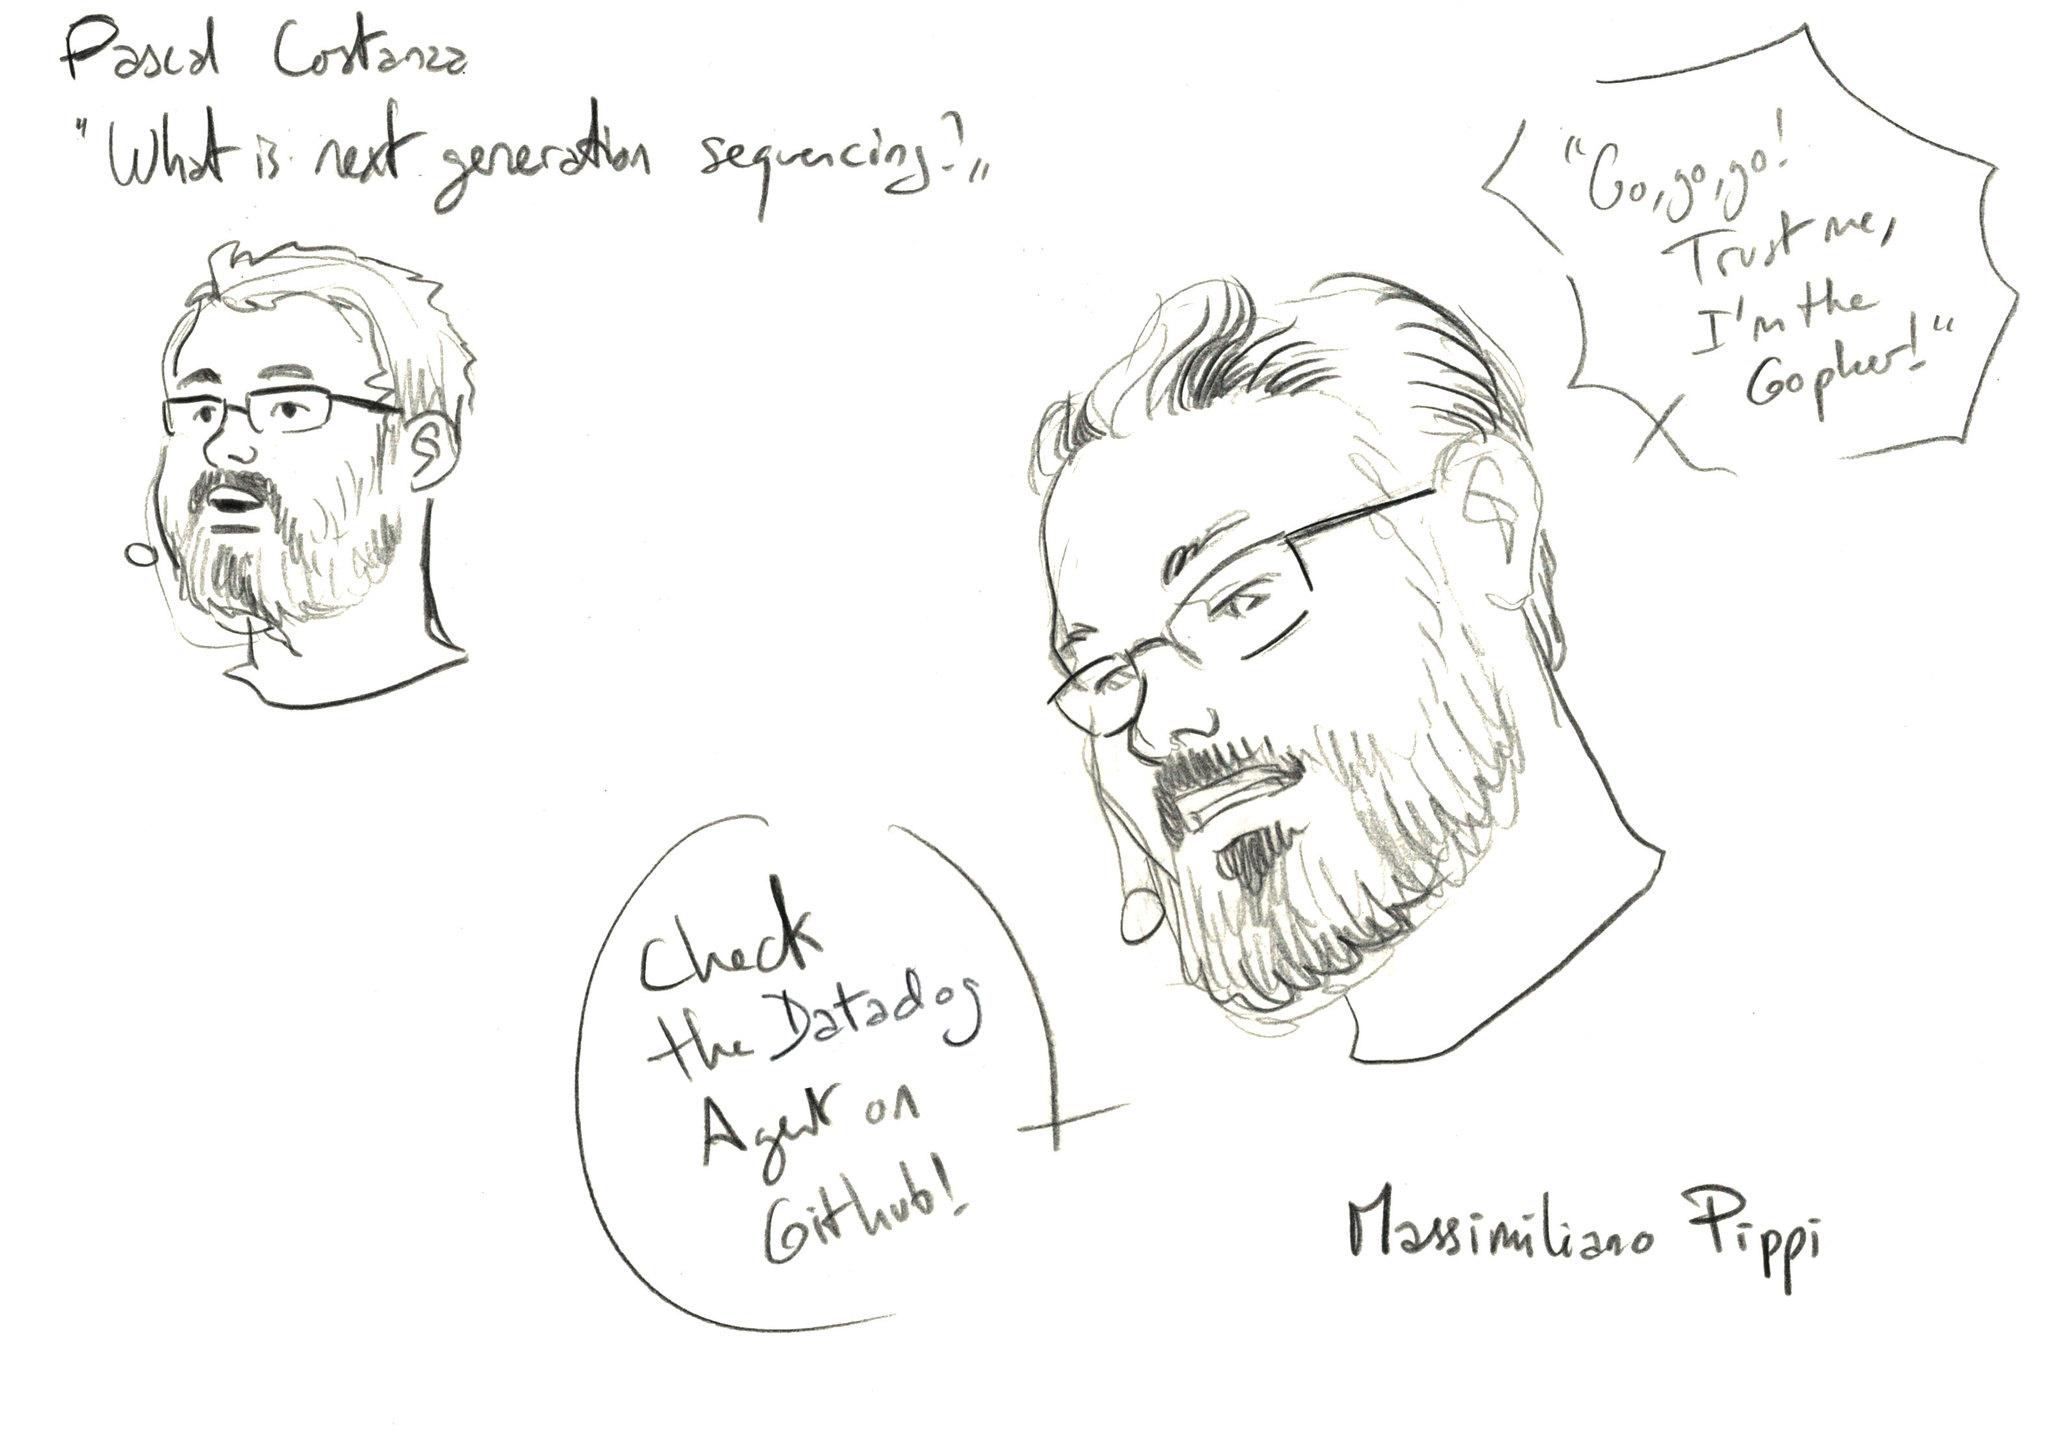 dotGo 2017 sketch